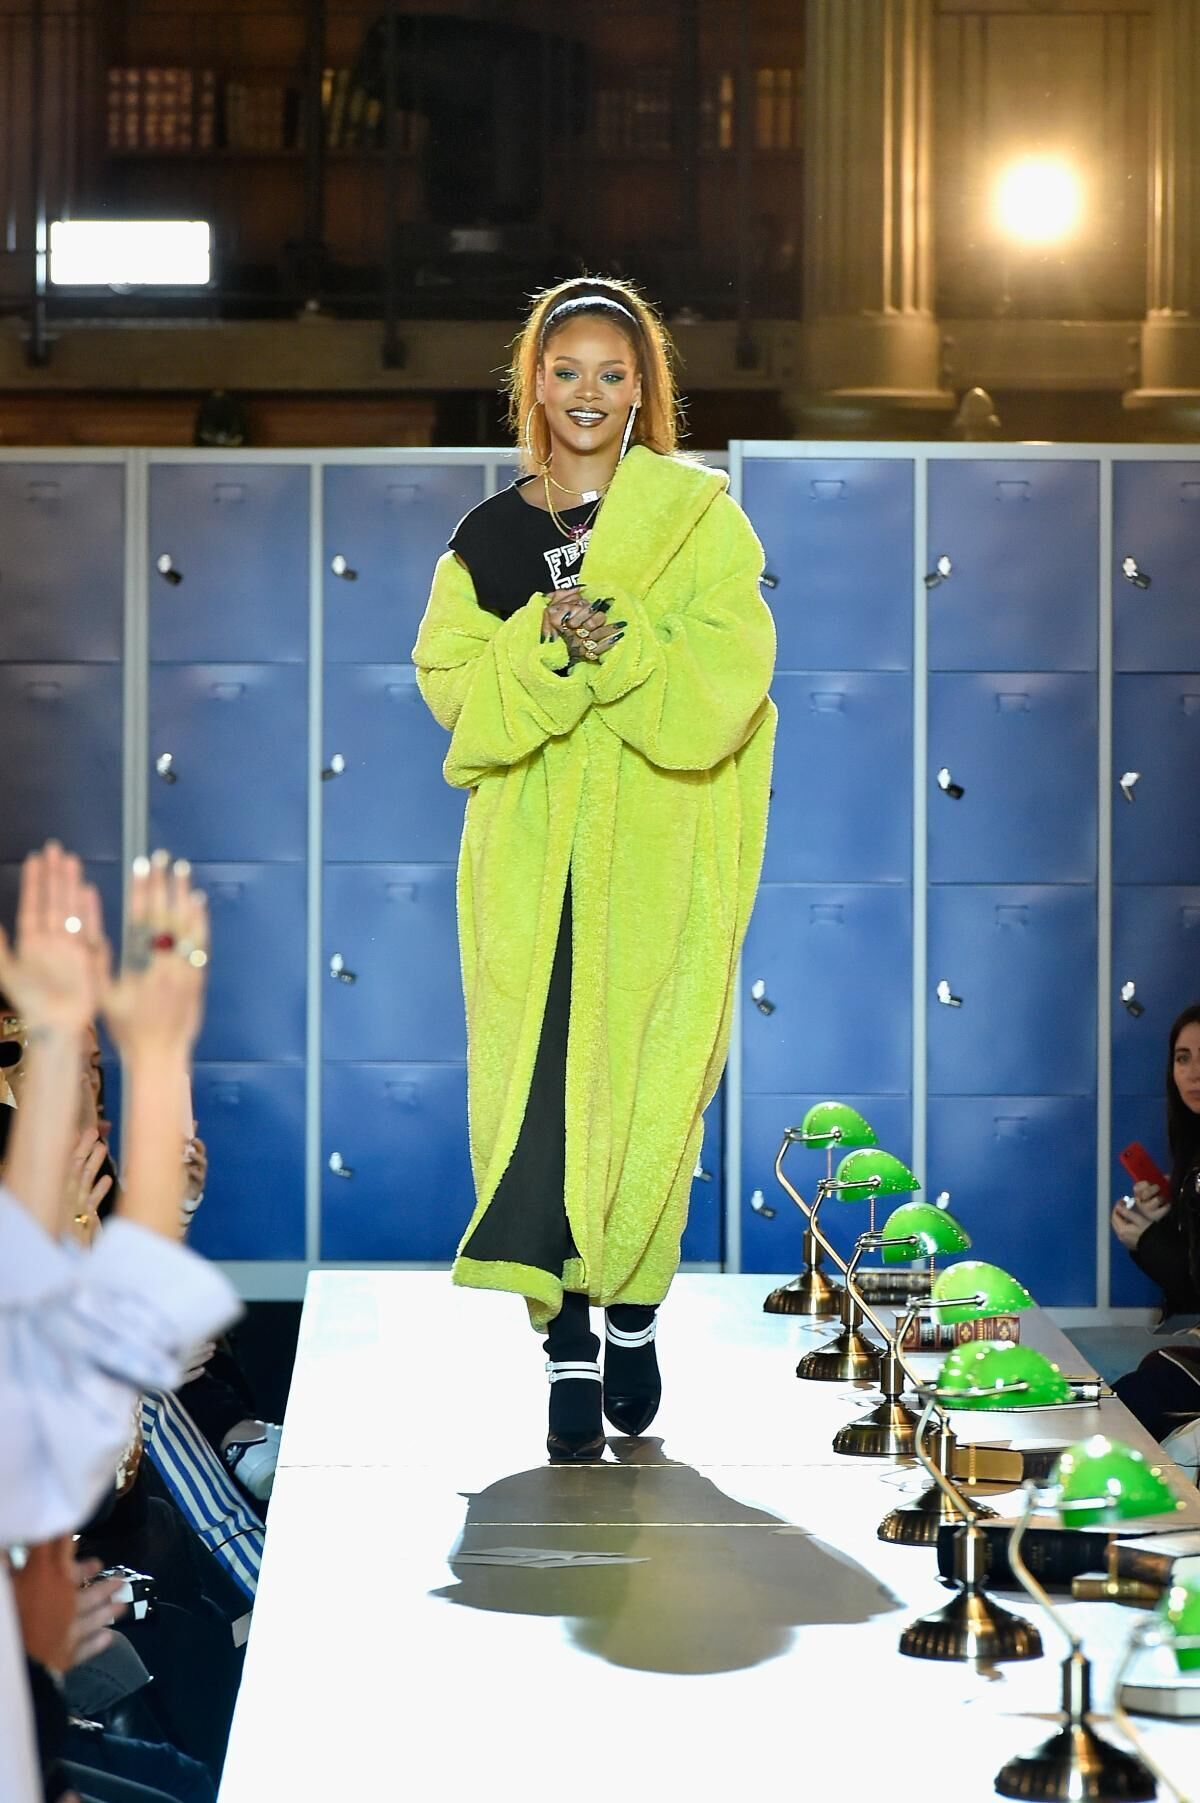 ŽENA-IN - Kolekce FENTY x PUMA By Rihanna byla představena v Paříži 87a4d56845